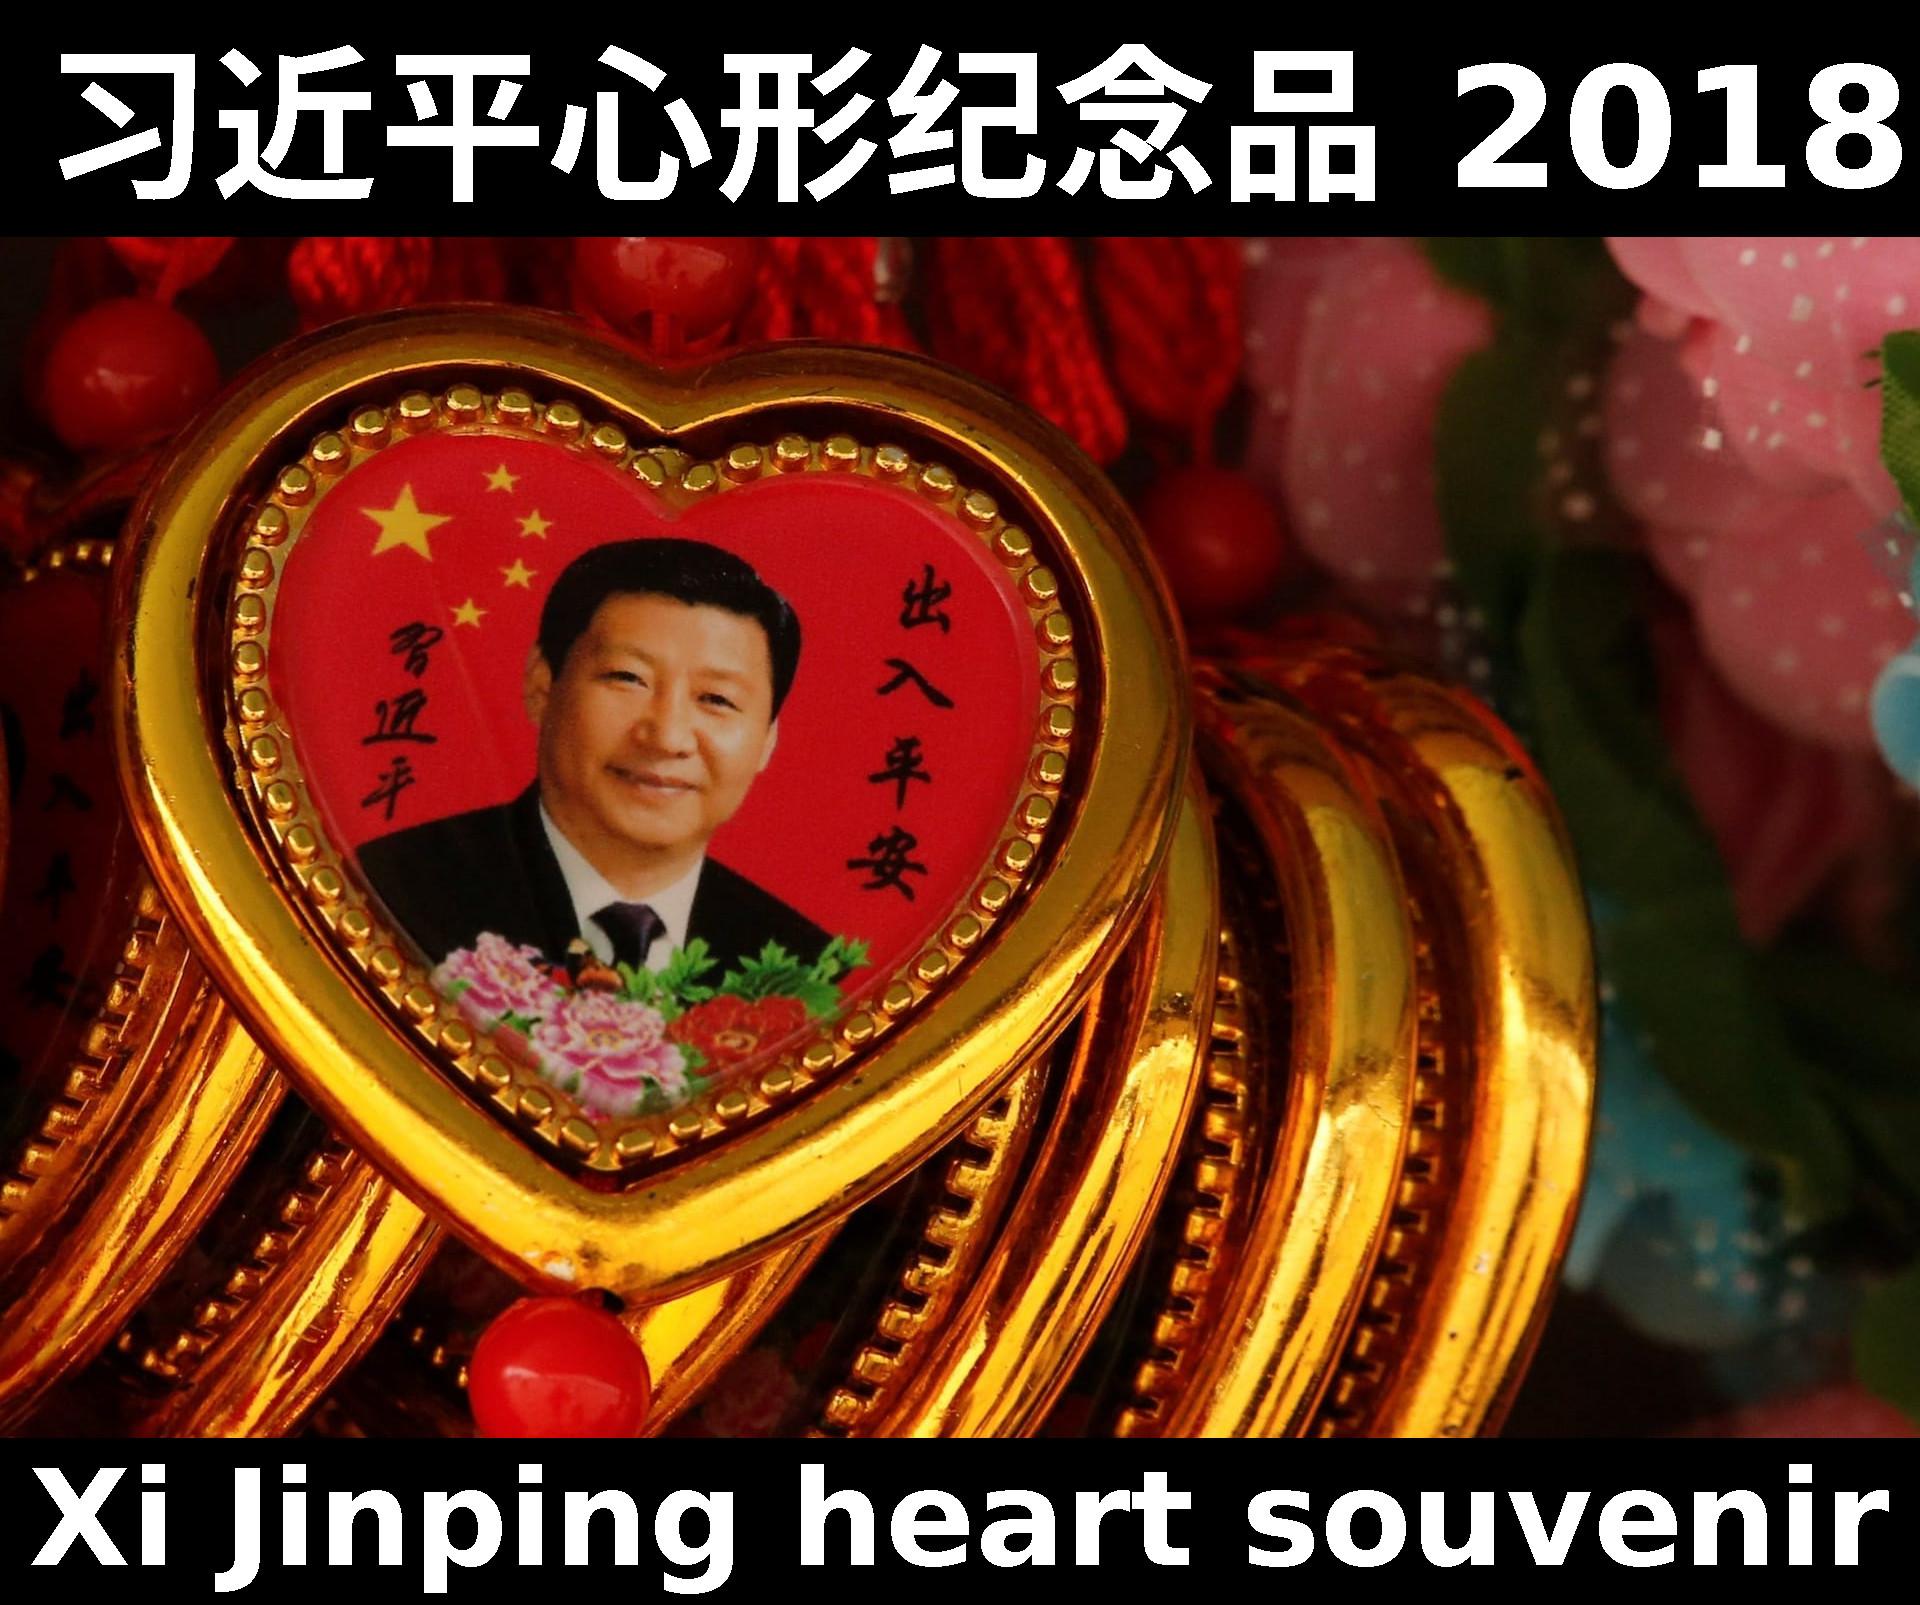 Xi Jinping heart